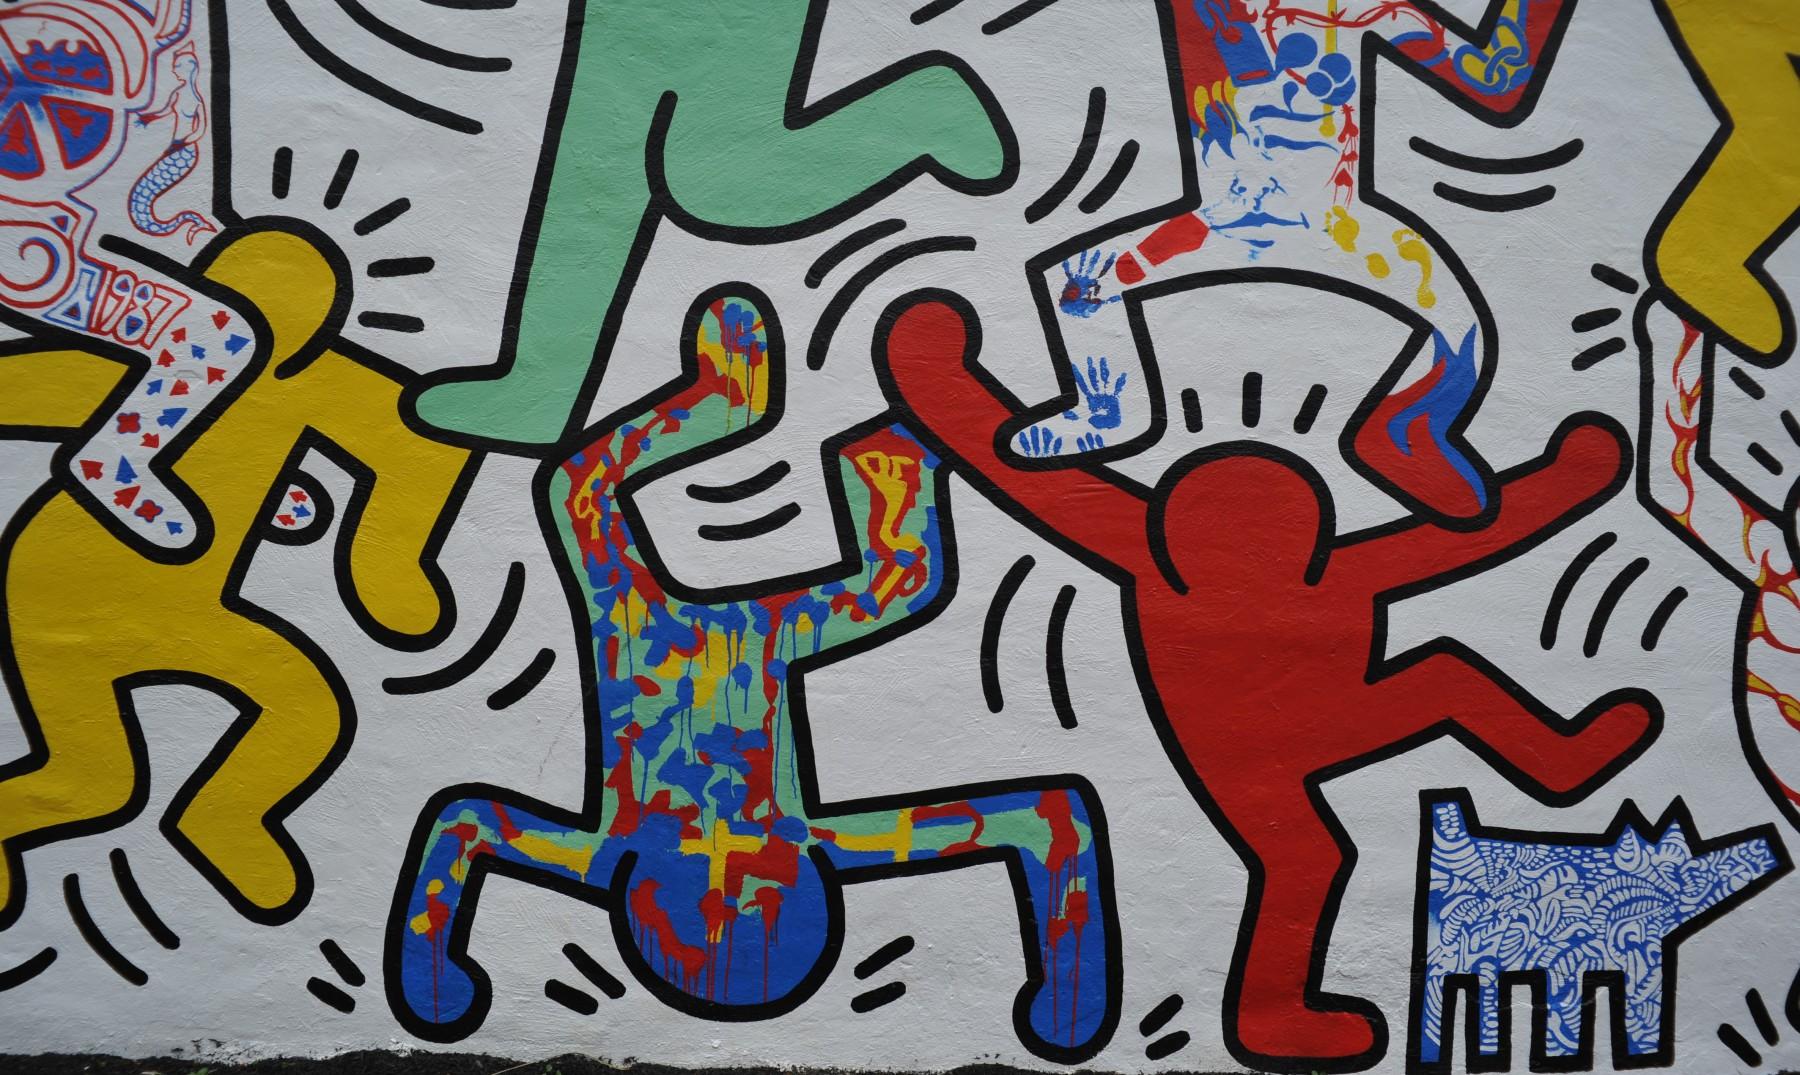 Graffitis, mucho más que simples pintadas de chicos malos